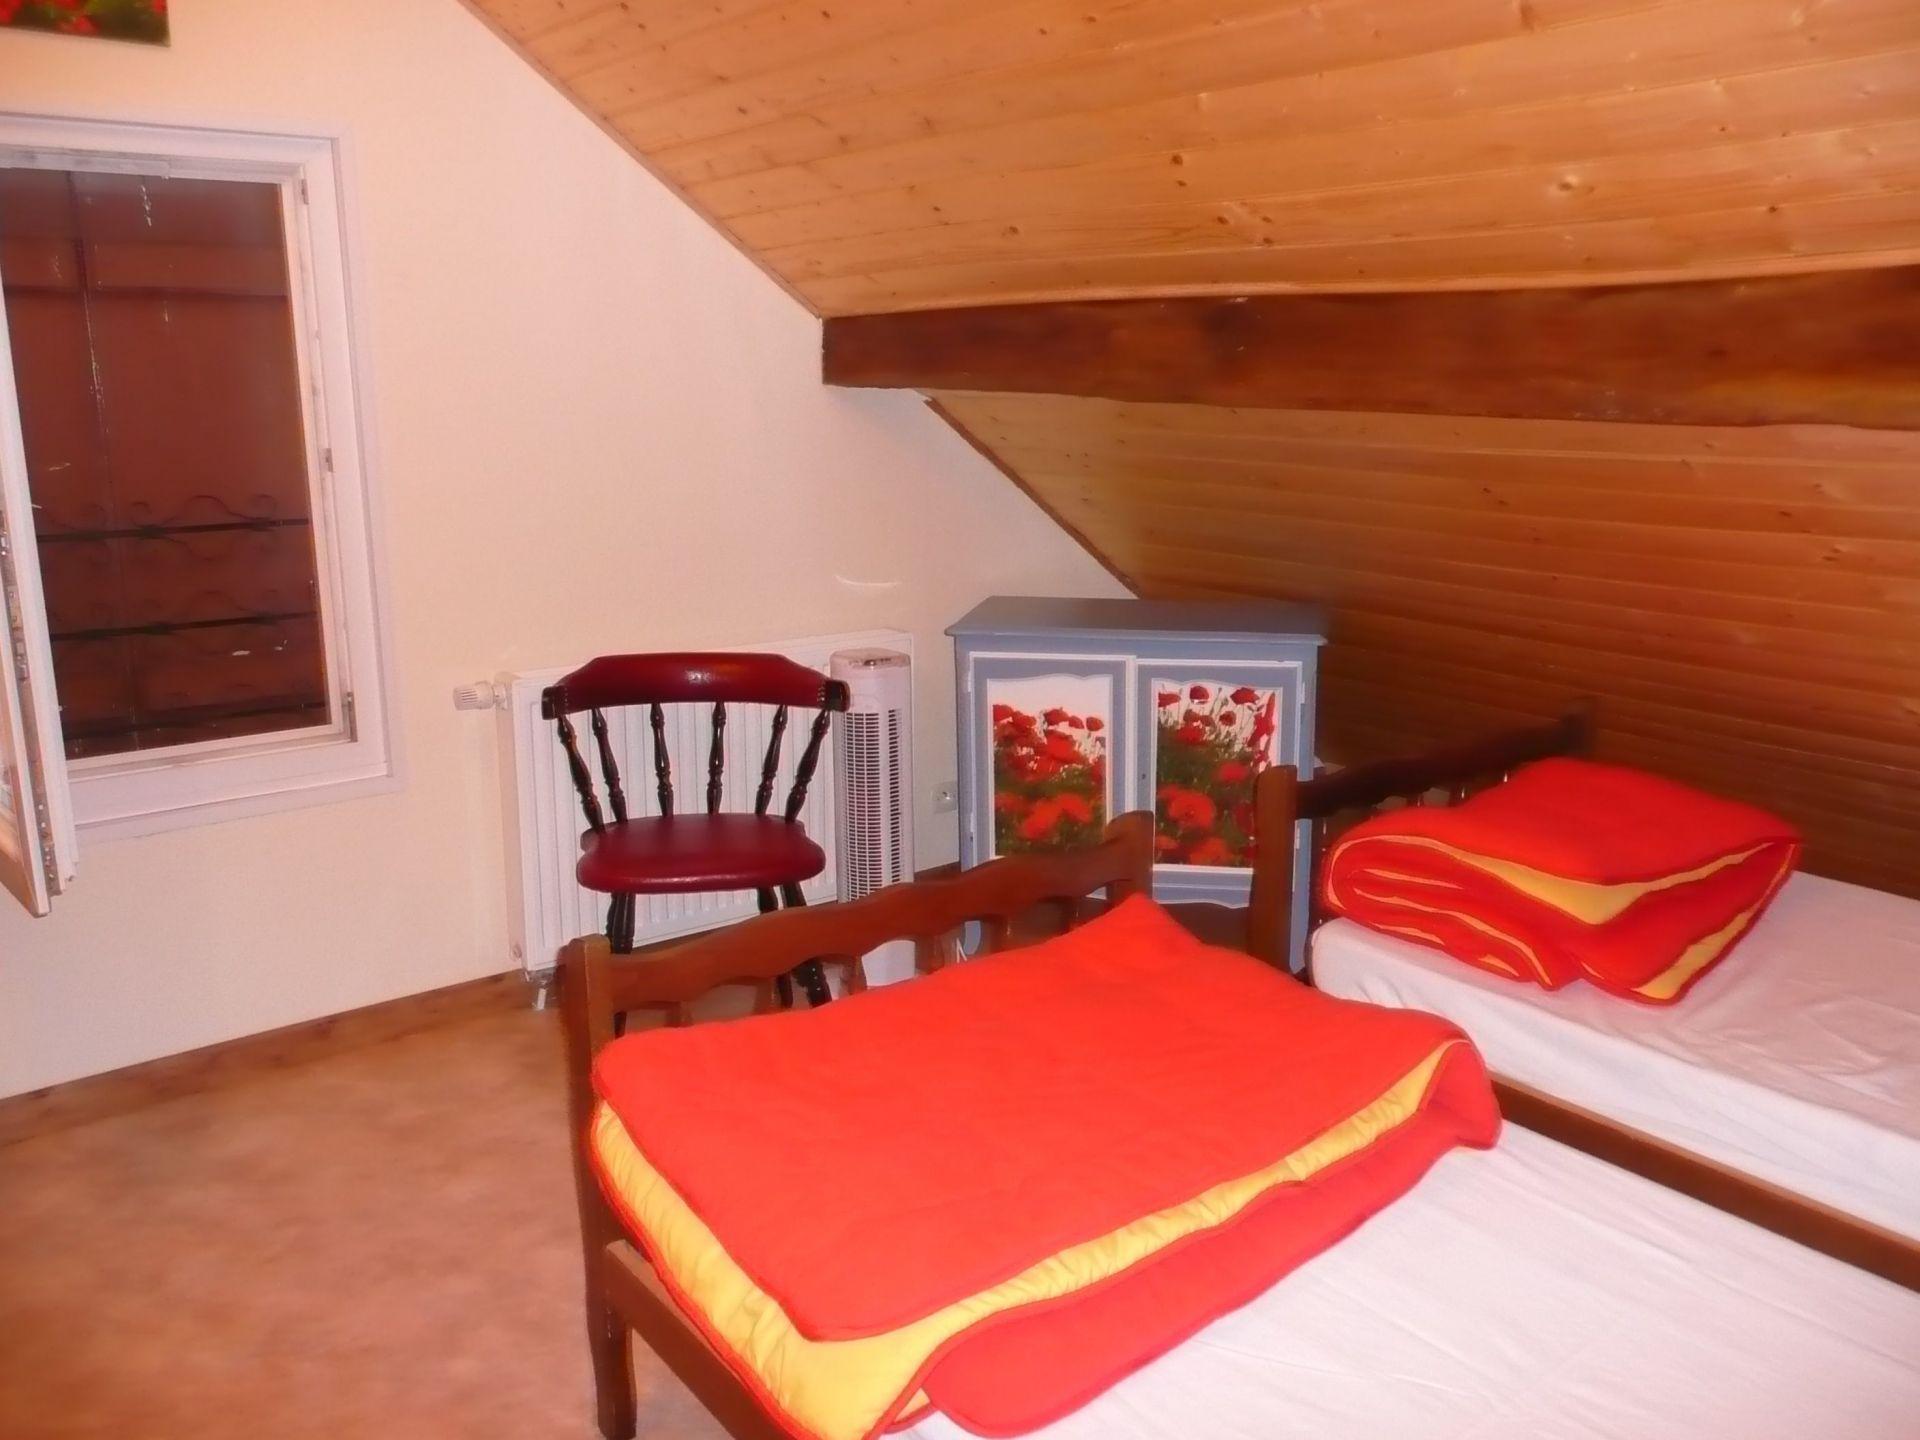 Meuble chez josi lorraine tourisme for Chez brick meuble